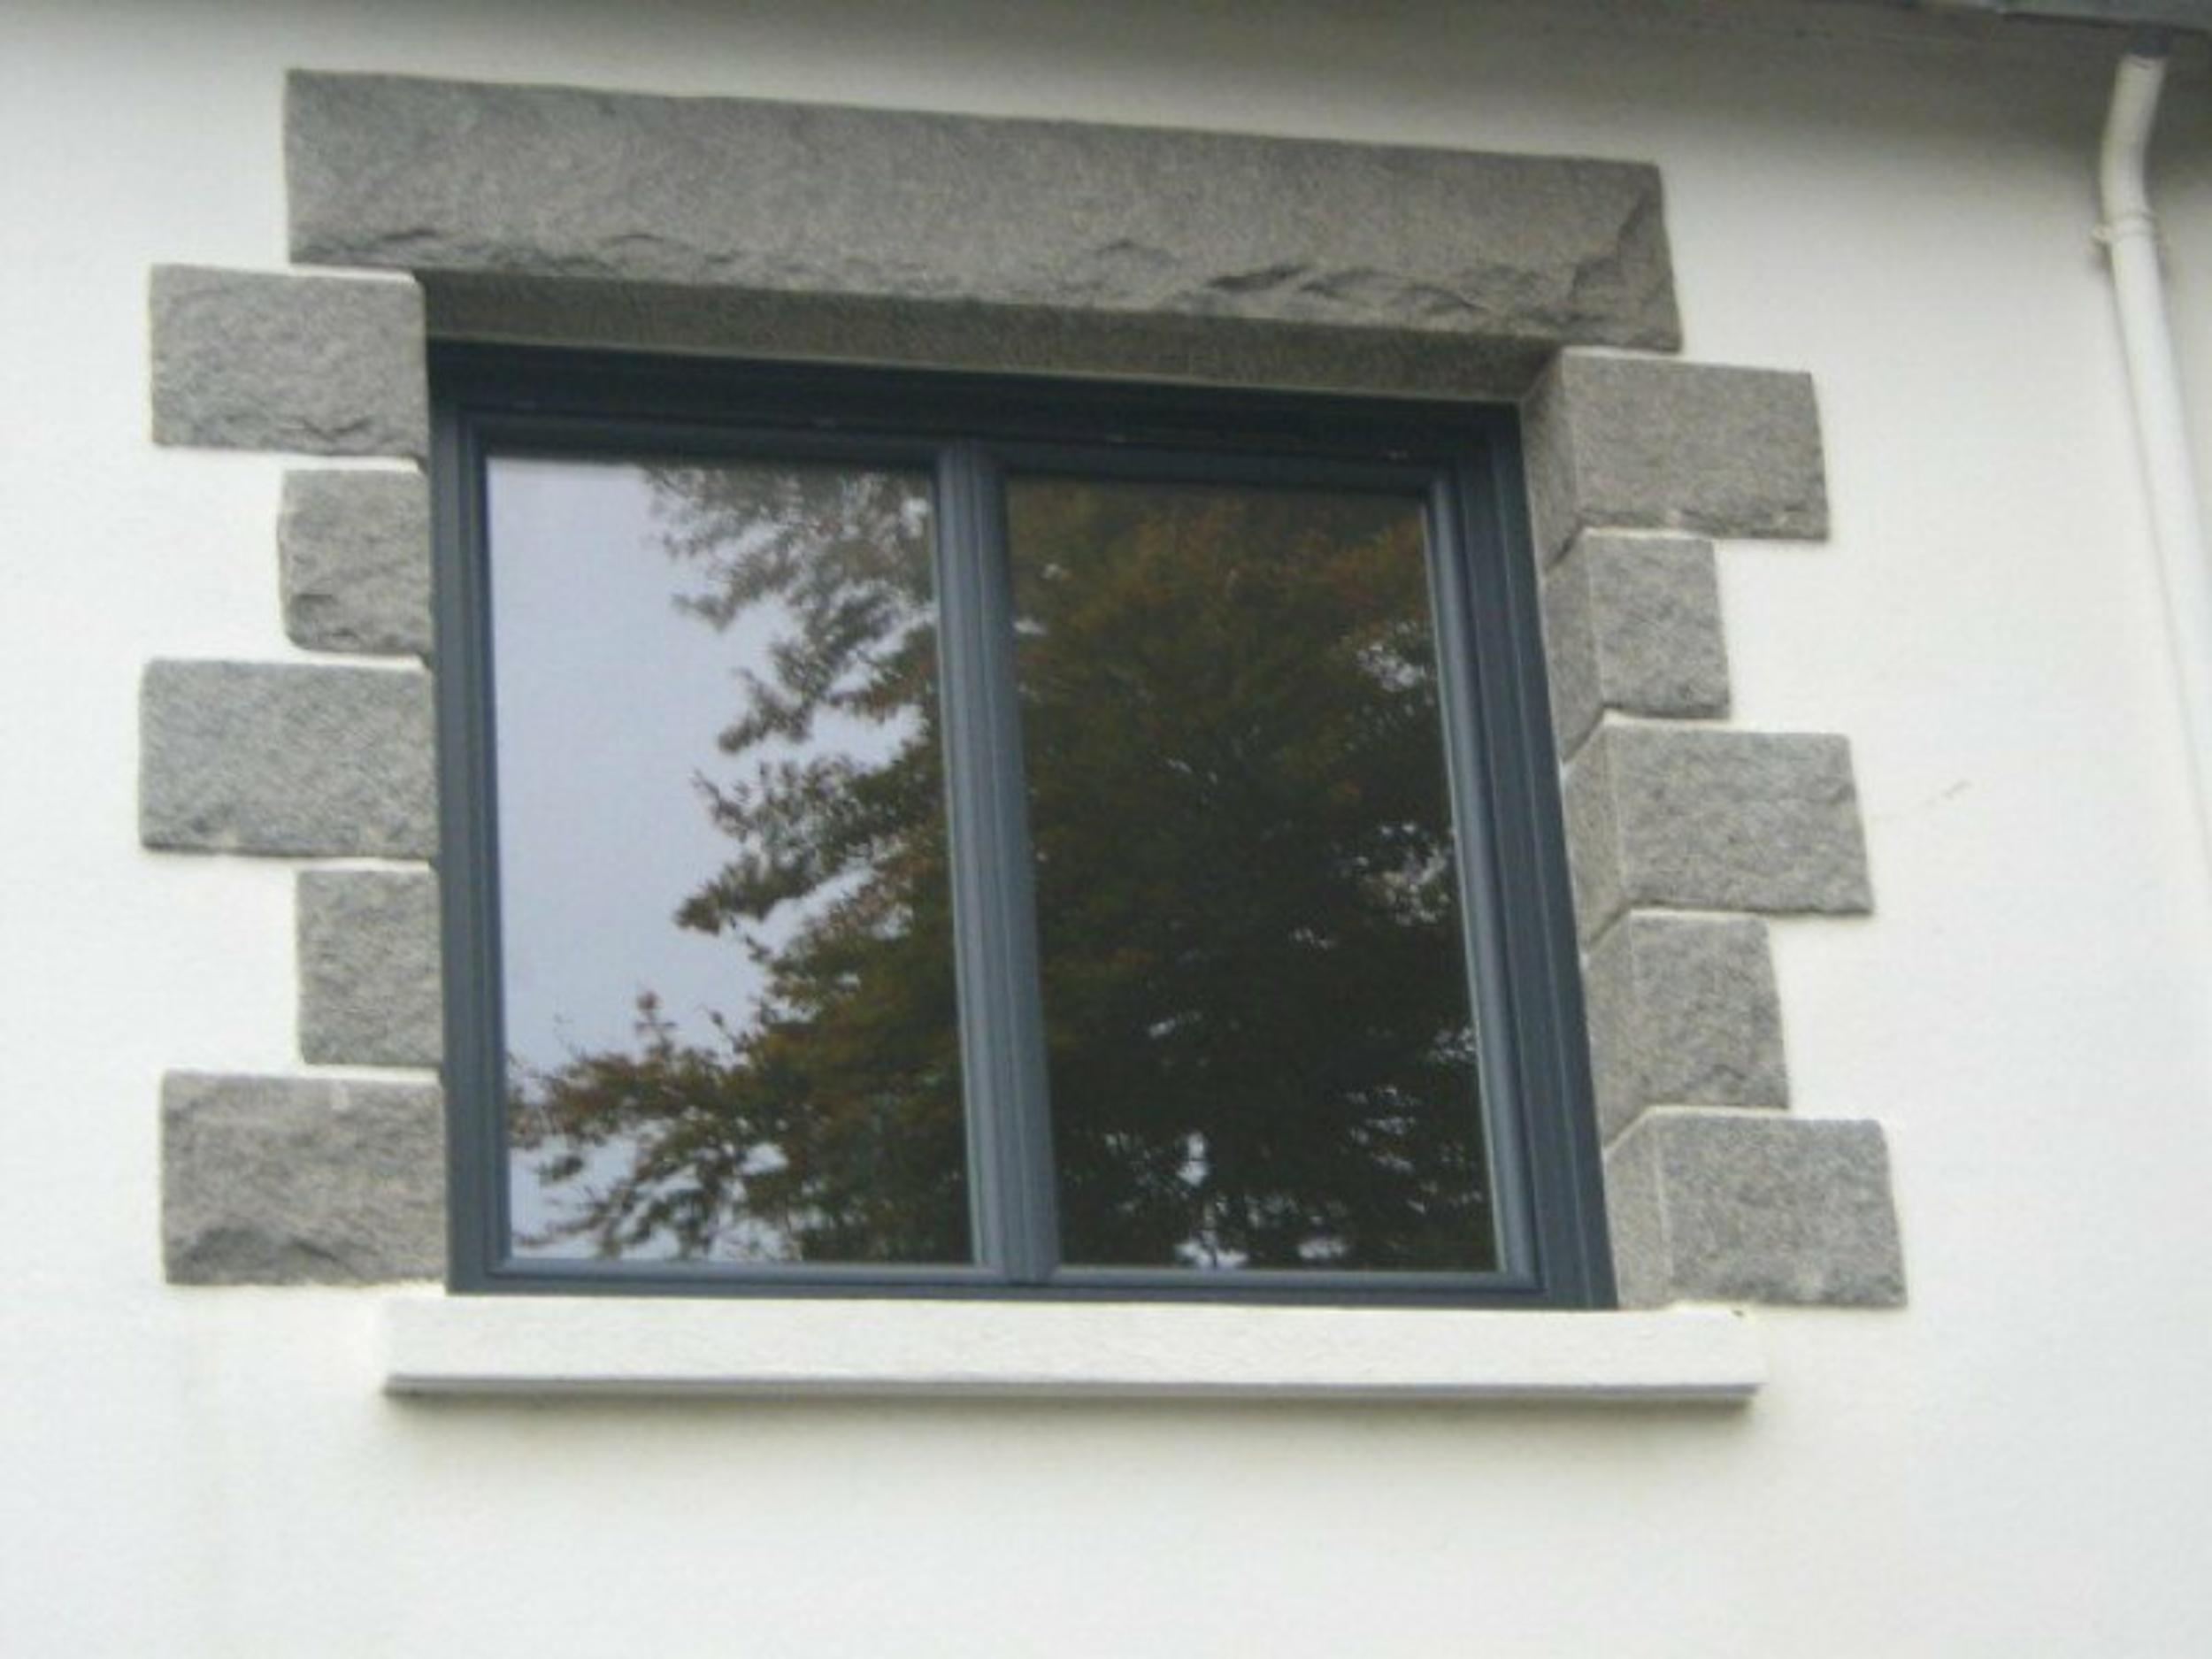 Fenêtre PVC Gris anthracite - Saint-Brieuc